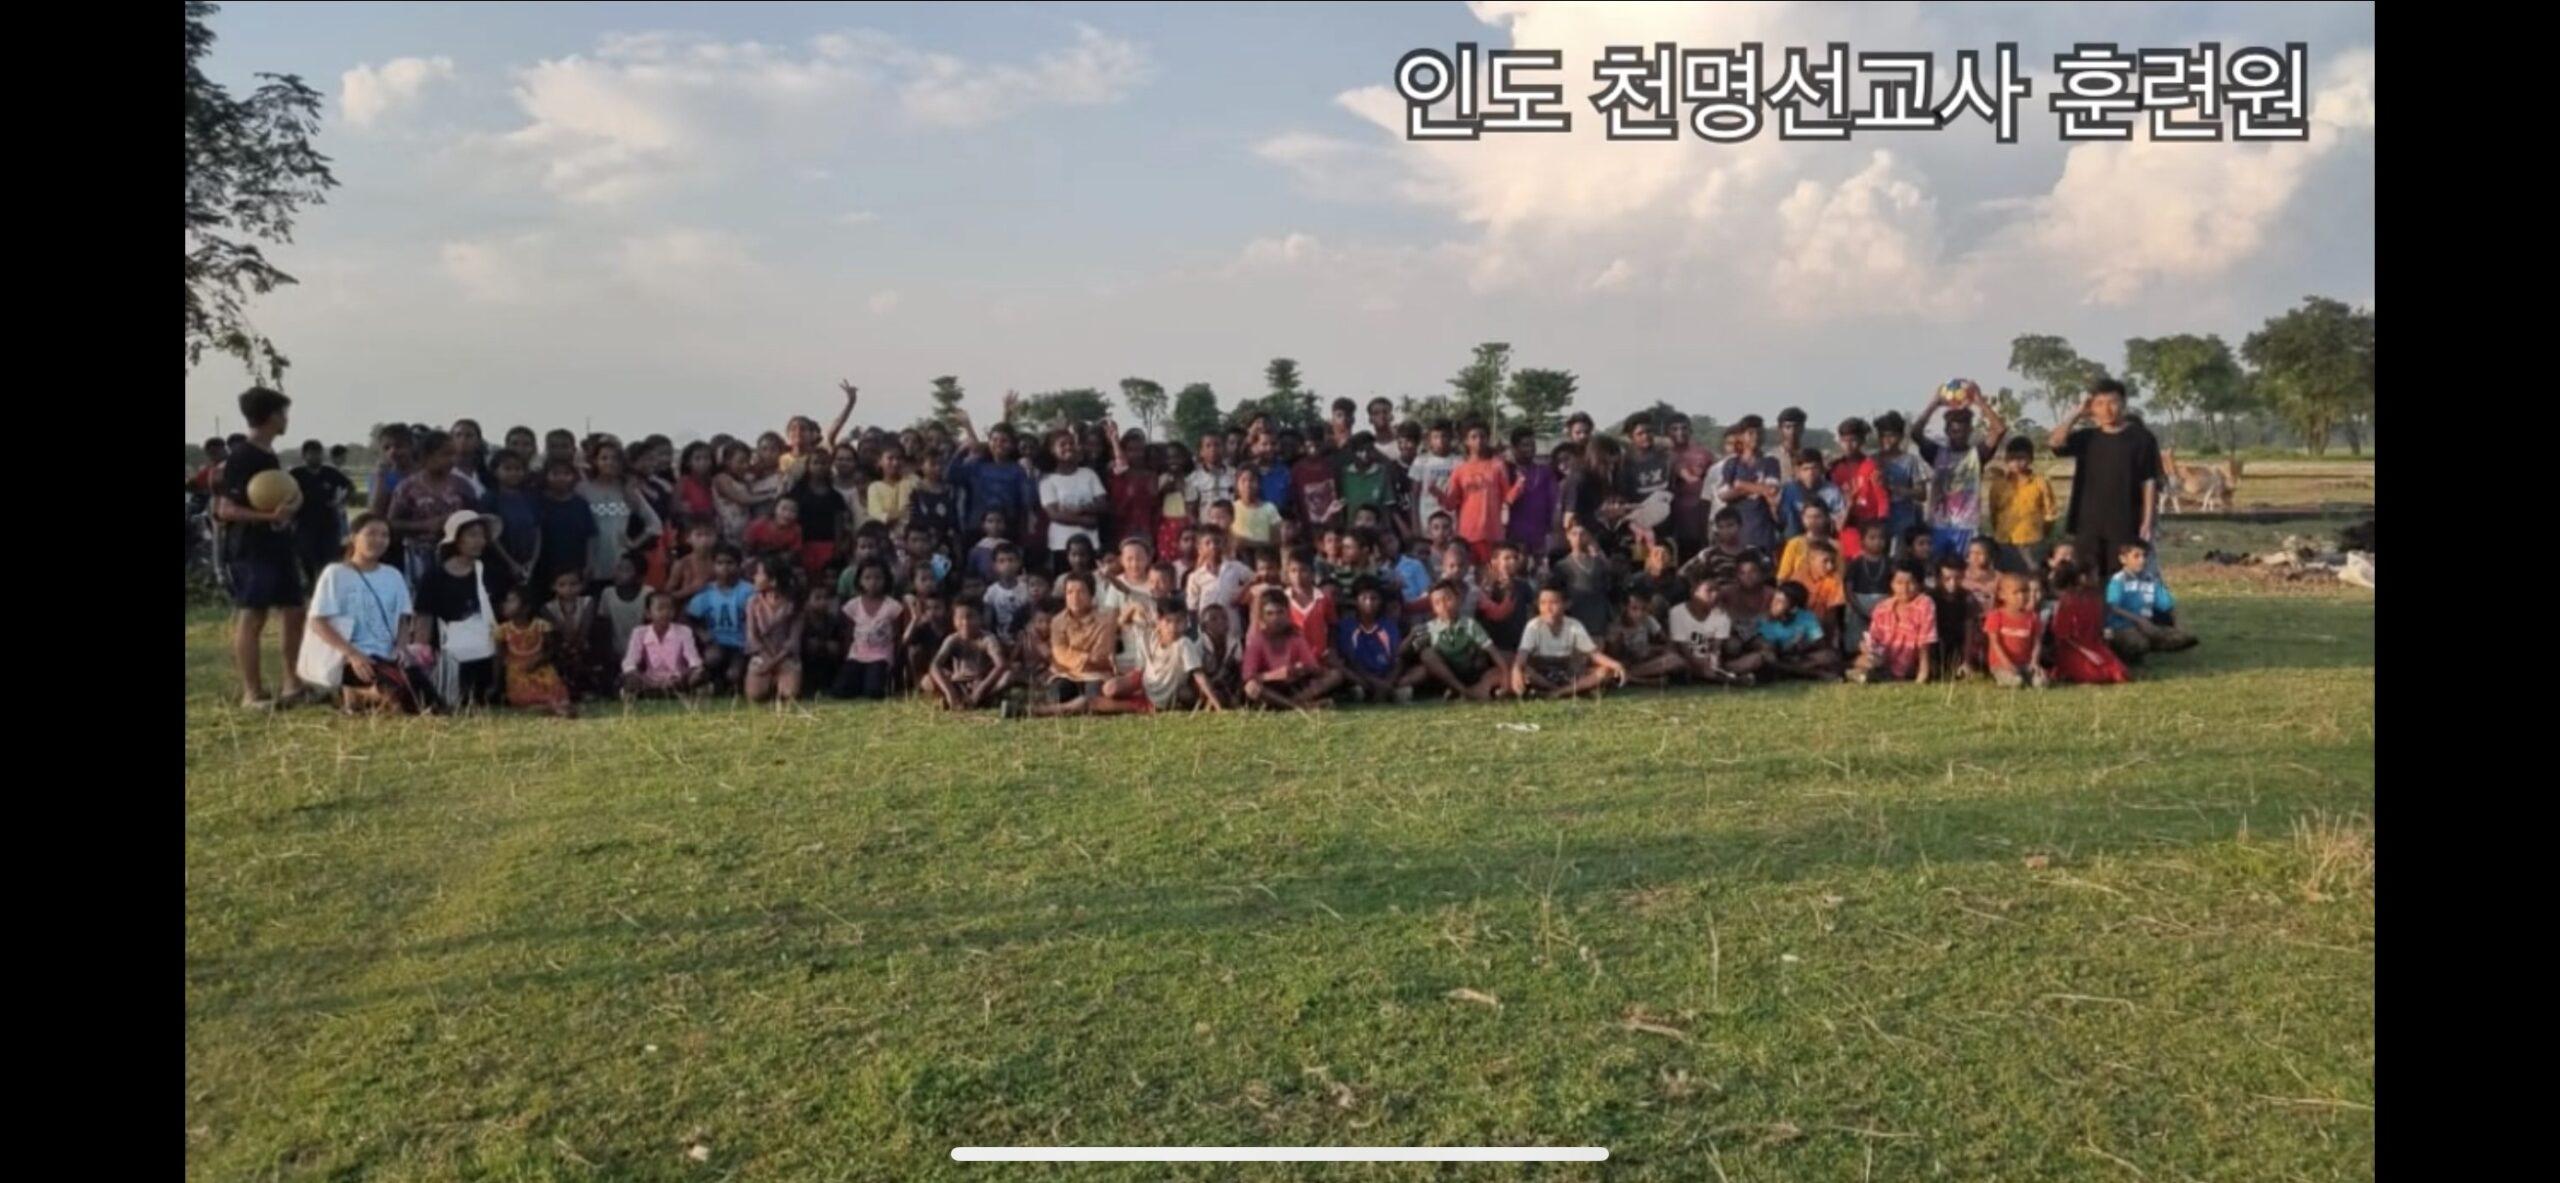 선교지로 향하는 23기 선교사들